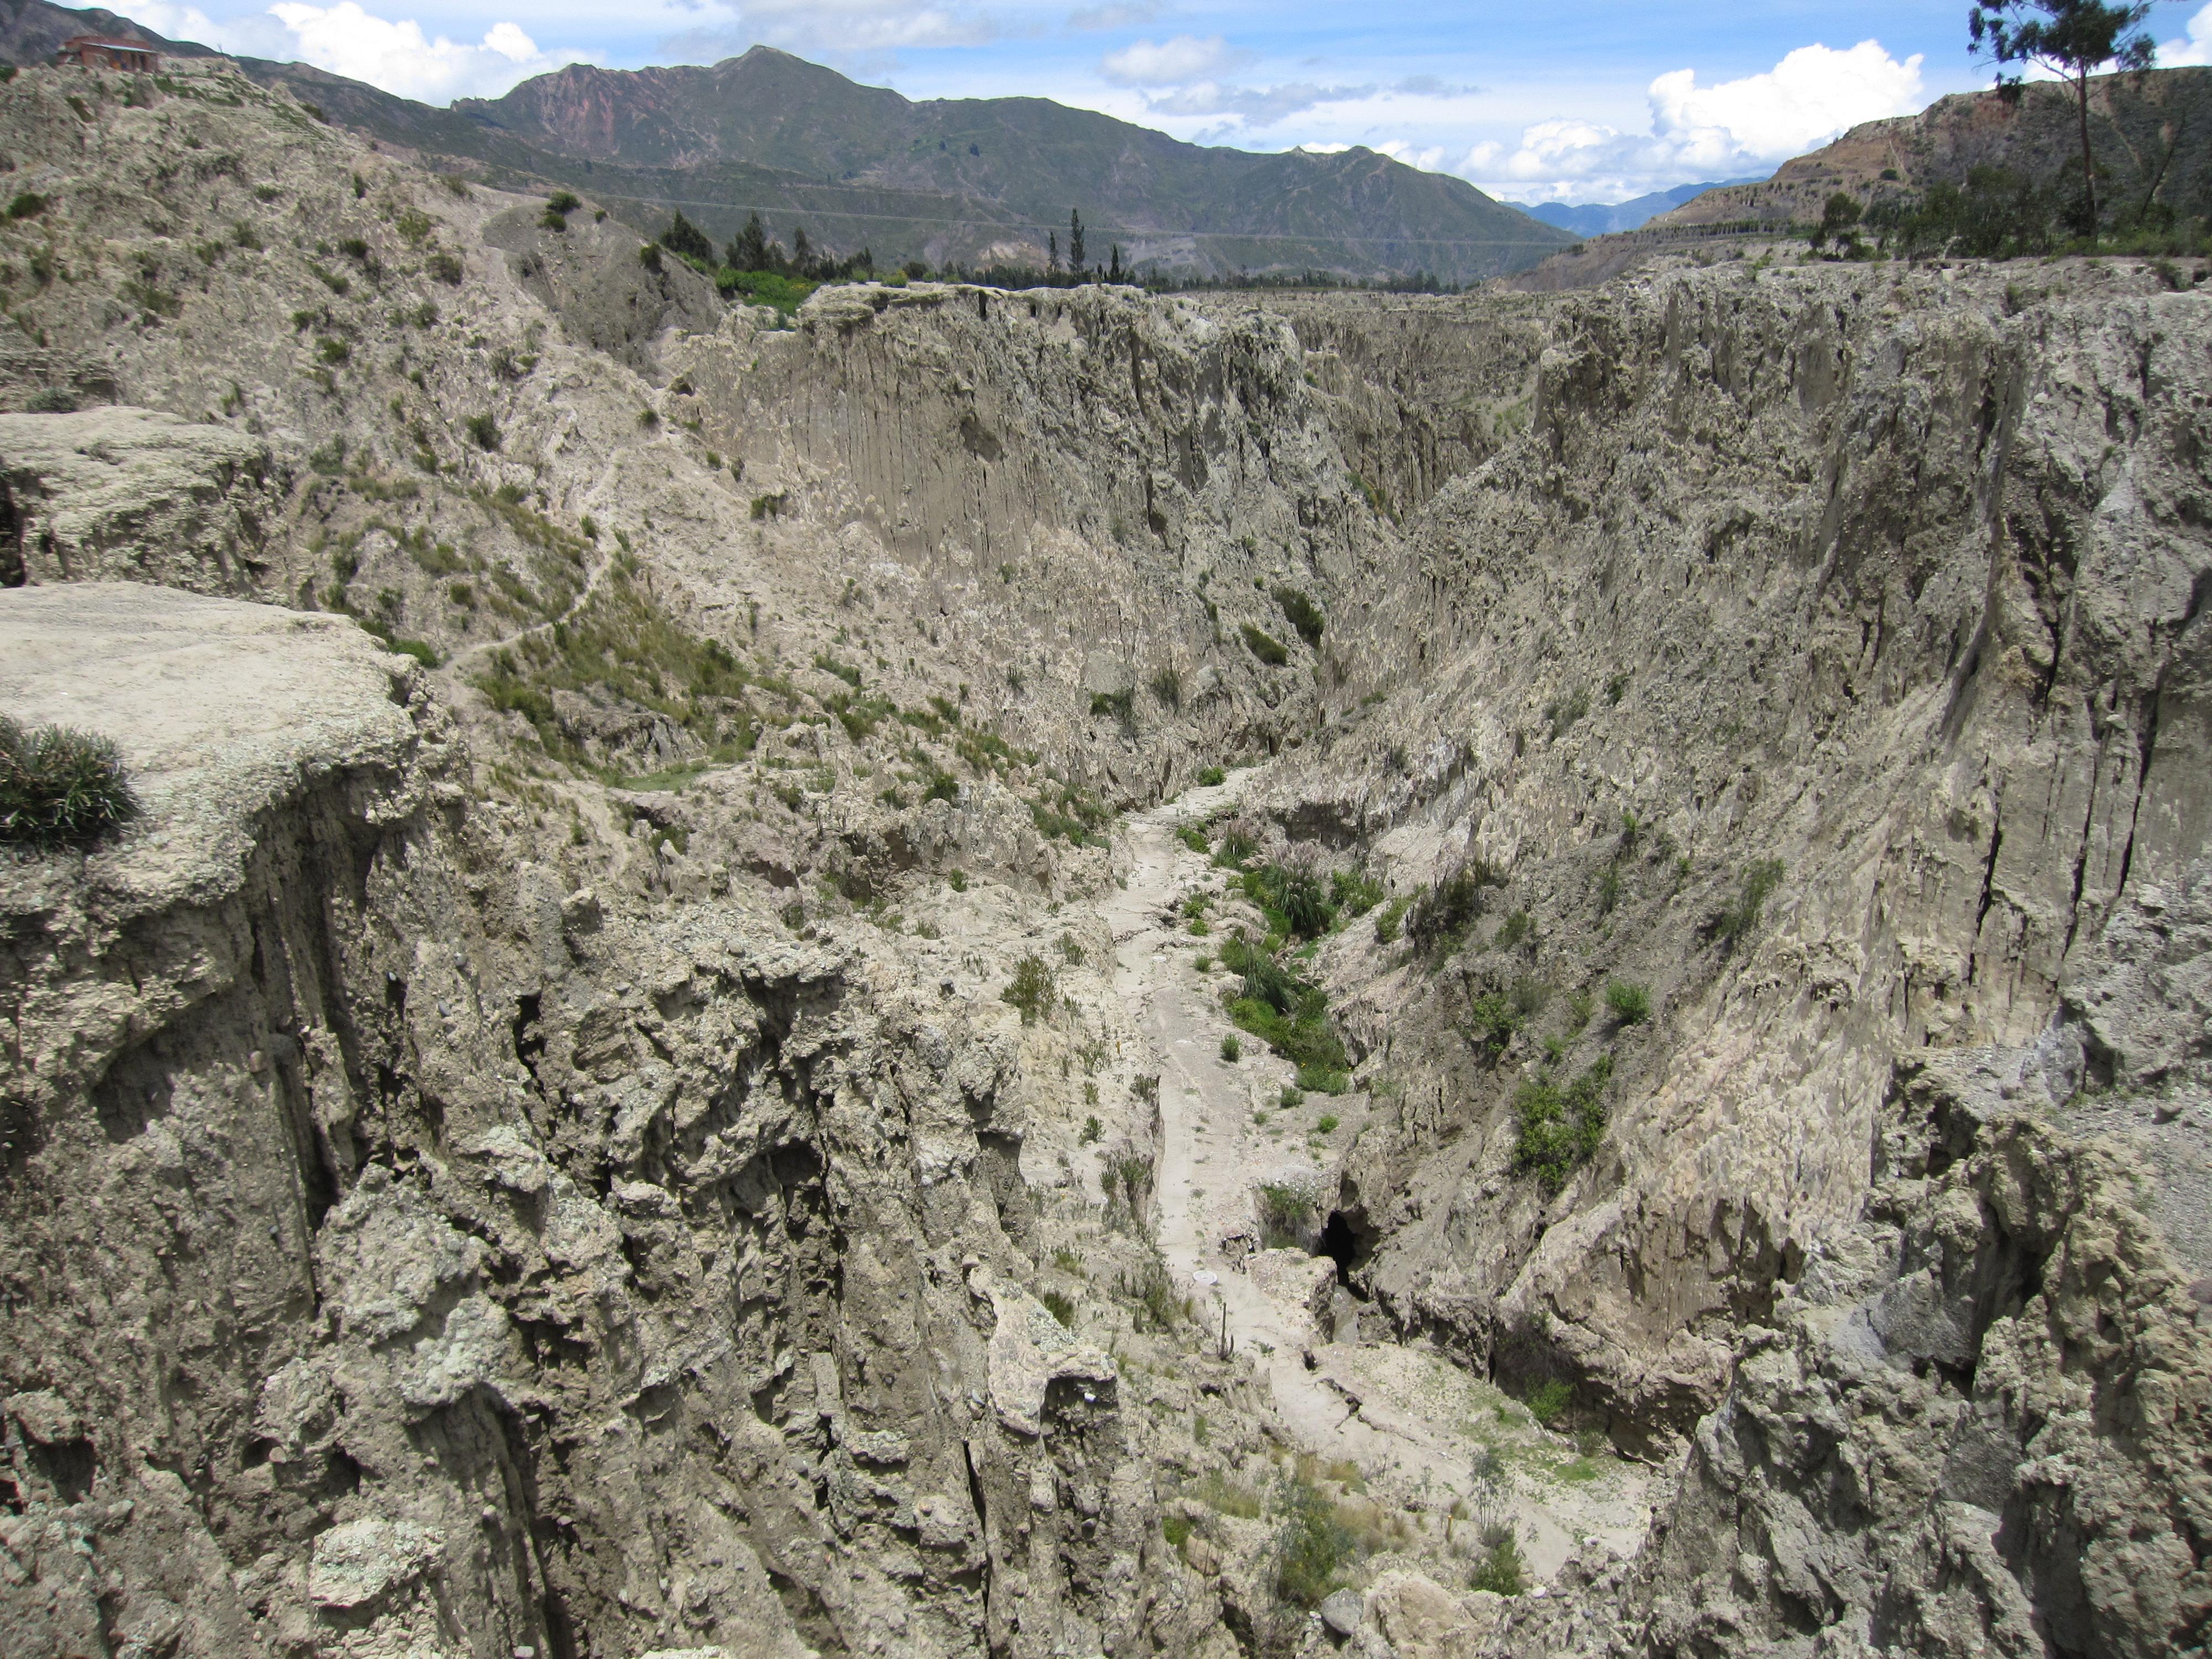 valles mines personals Col egi oficial d'enginyers tècnics i de grau en mines i energia  us informem que les dades personals recollides en aquest formulari s'incorporaran a un.